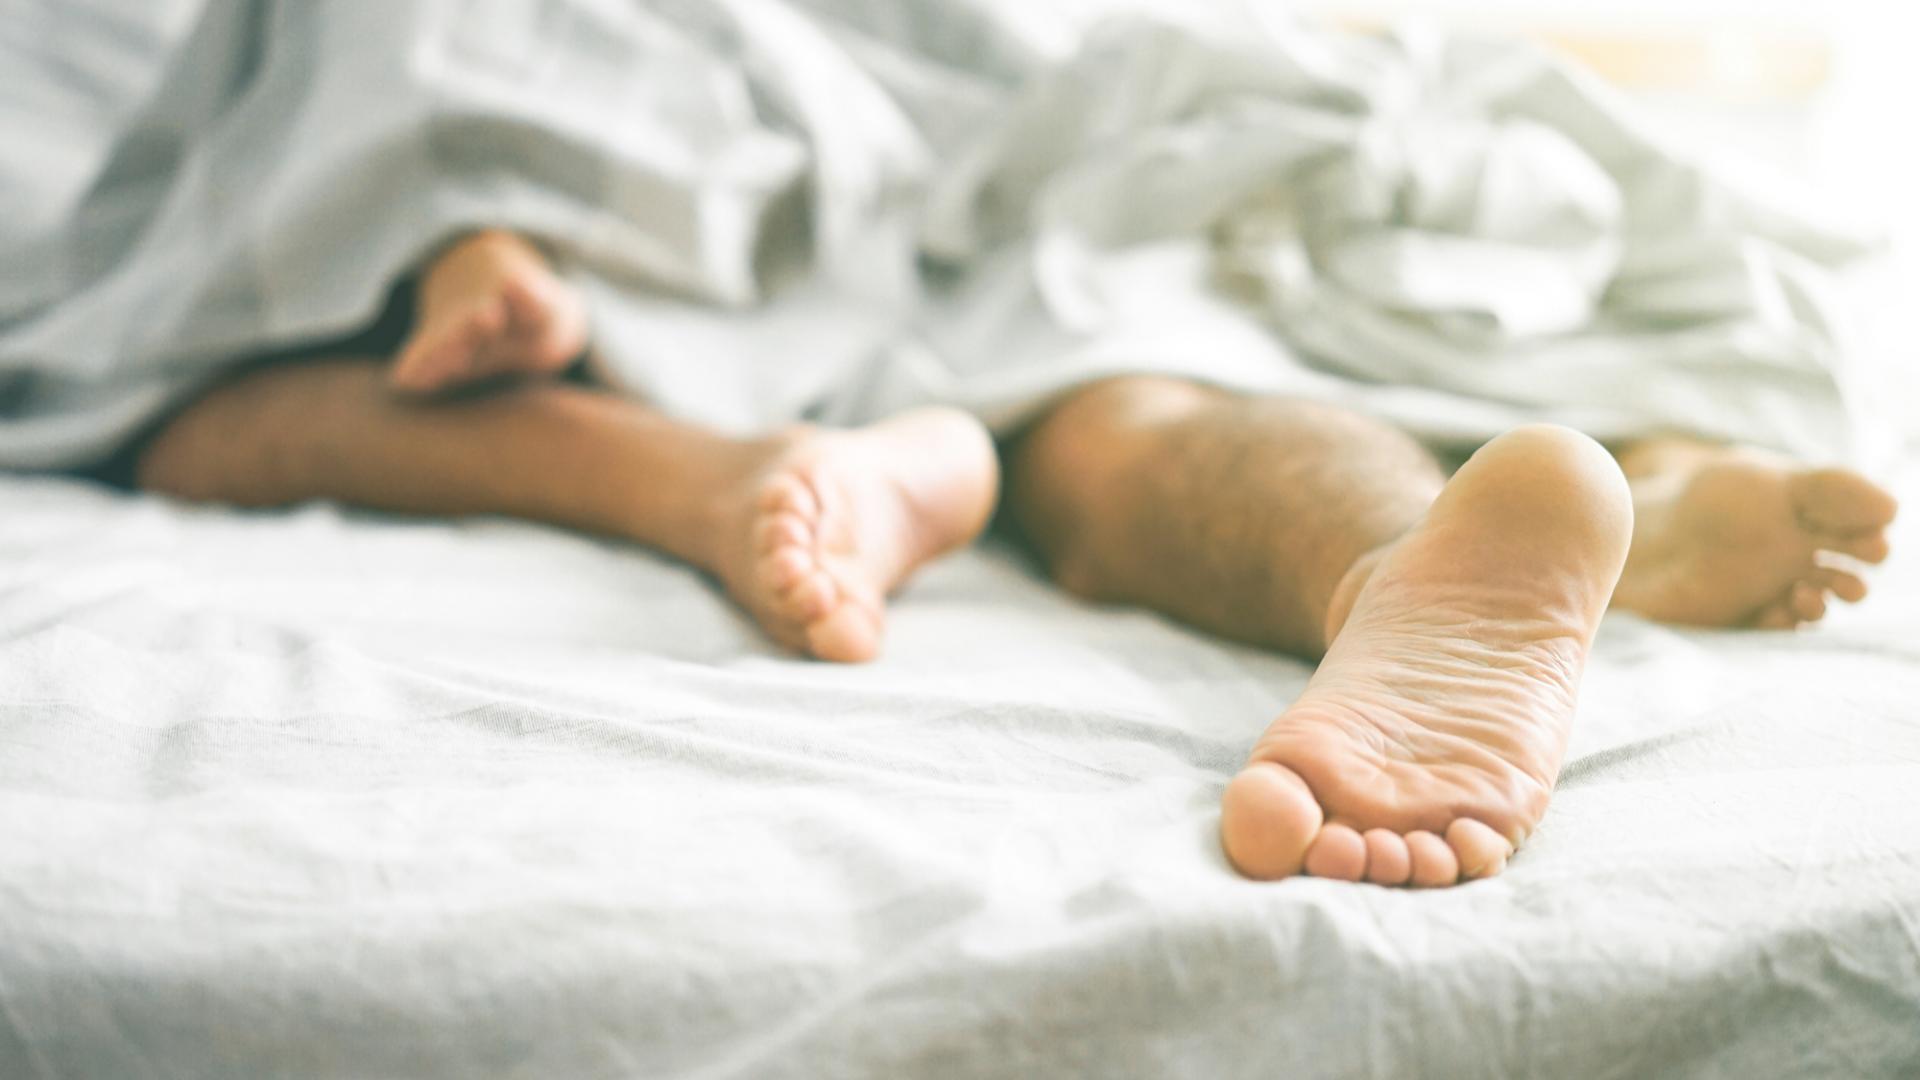 Schlaf, Partner, ins Bett gehen, zusammen schlafen